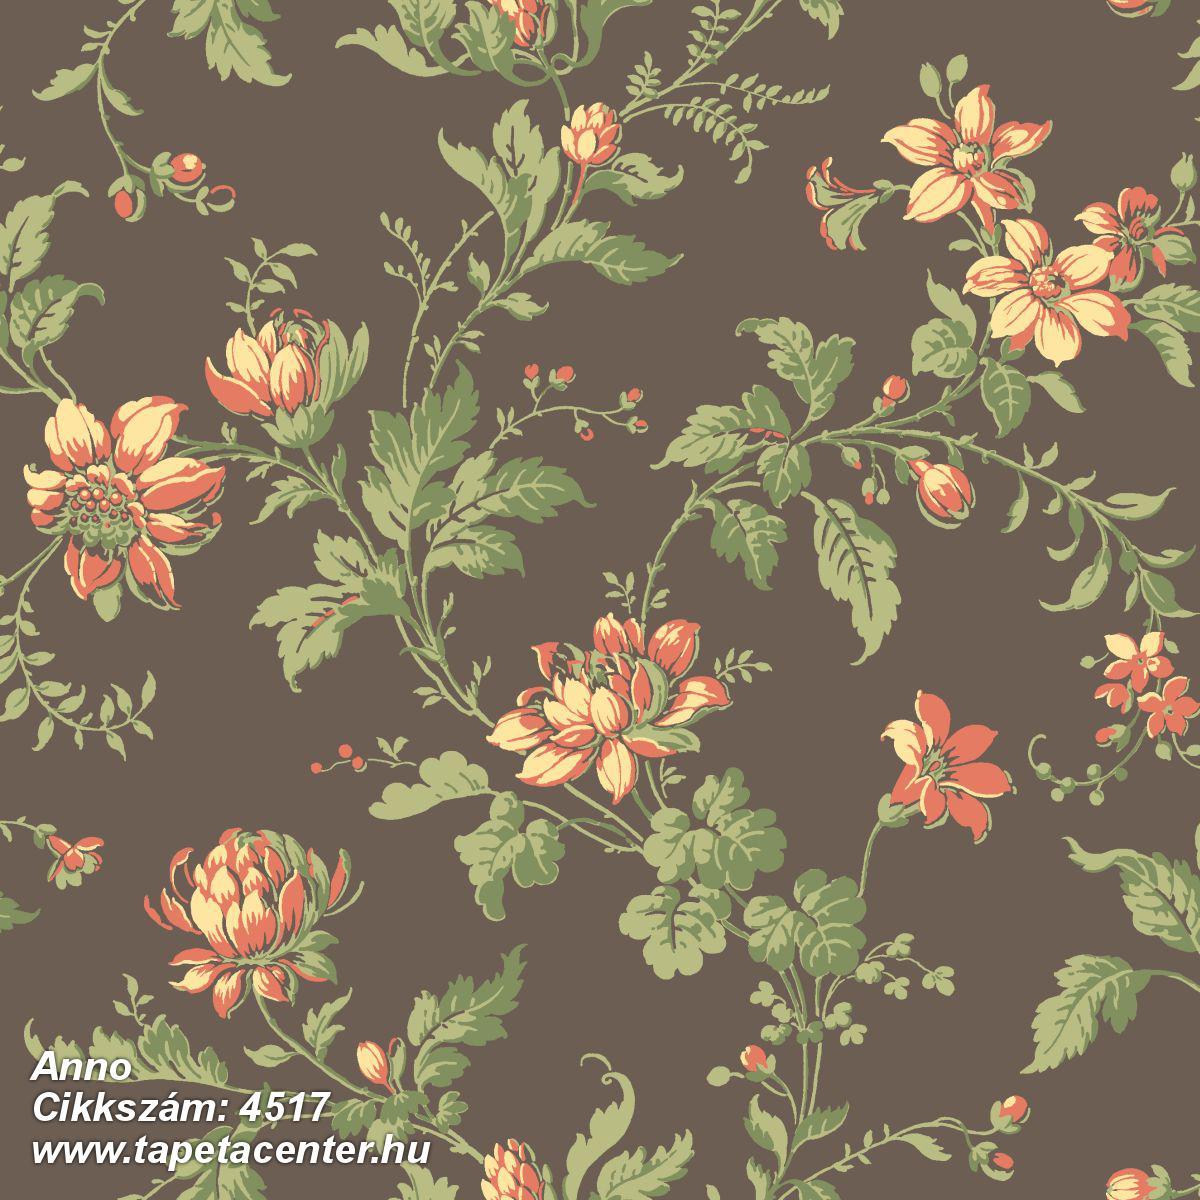 Barokk-klasszikus,virágmintás,barna,narancs-terrakotta,zöld,lemosható,vlies tapéta